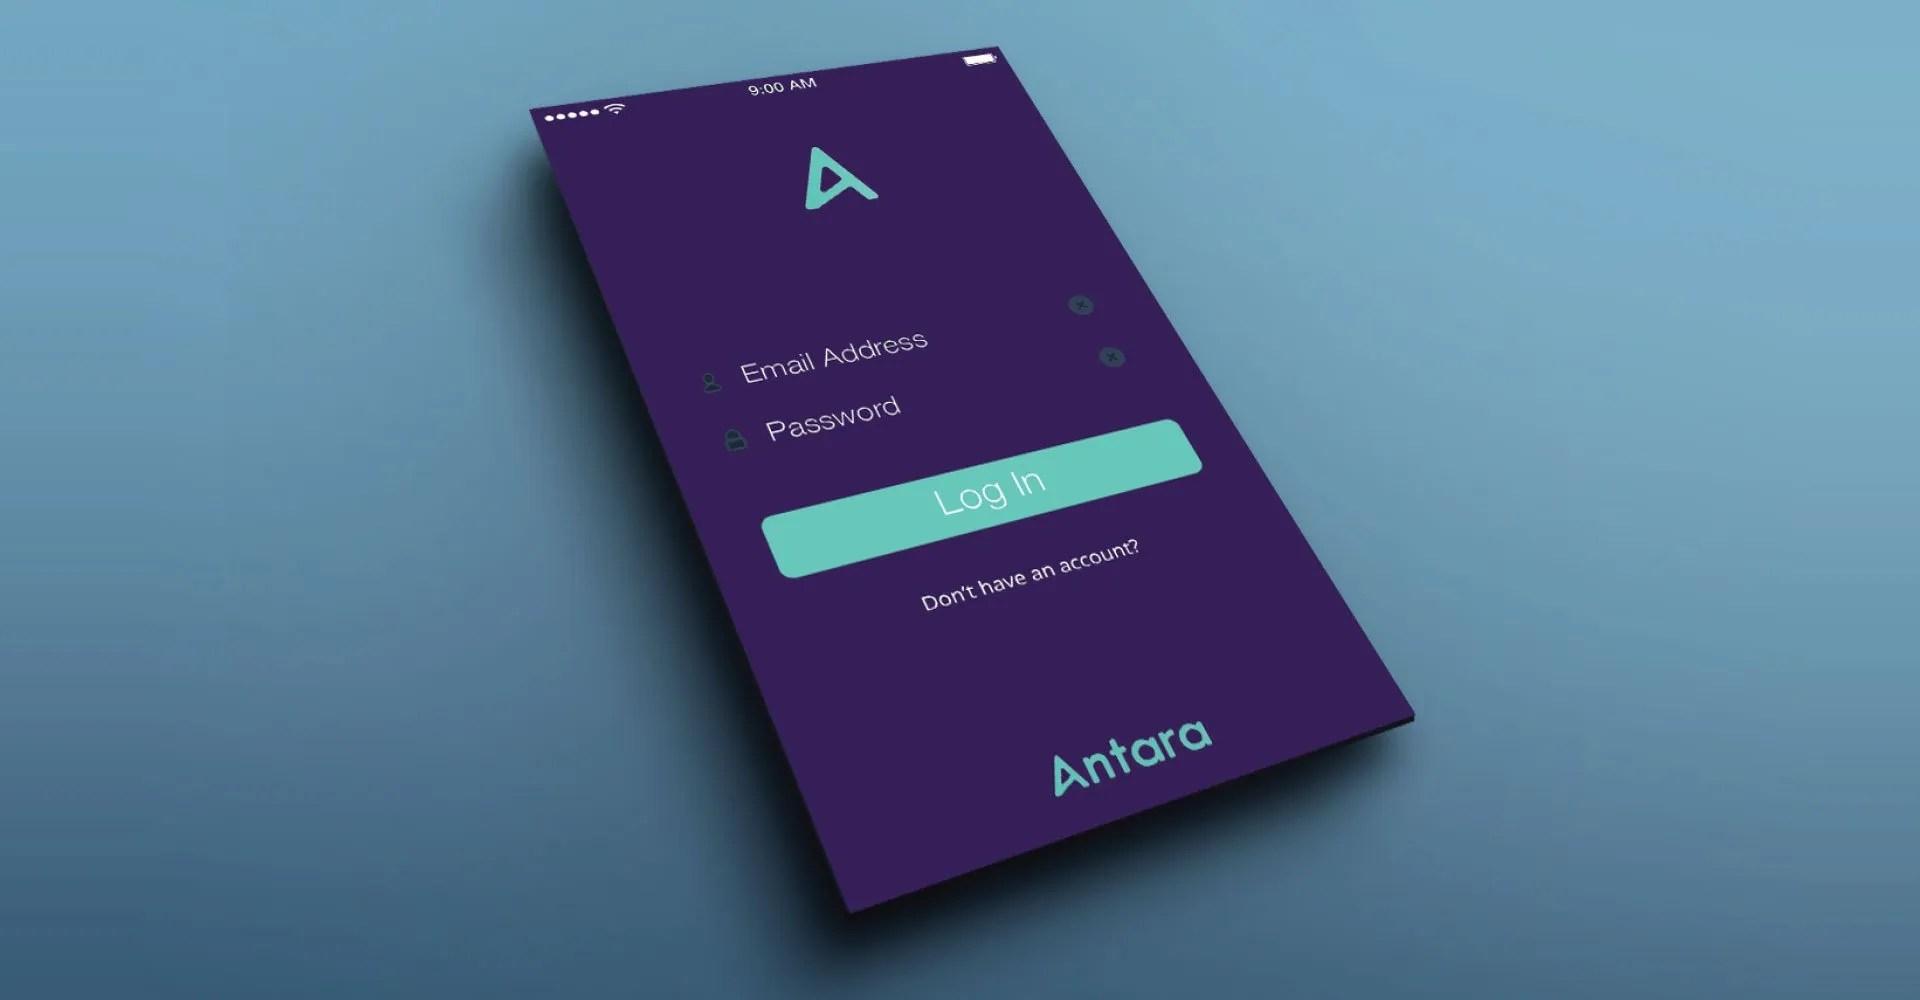 Antara Brand design for app startup